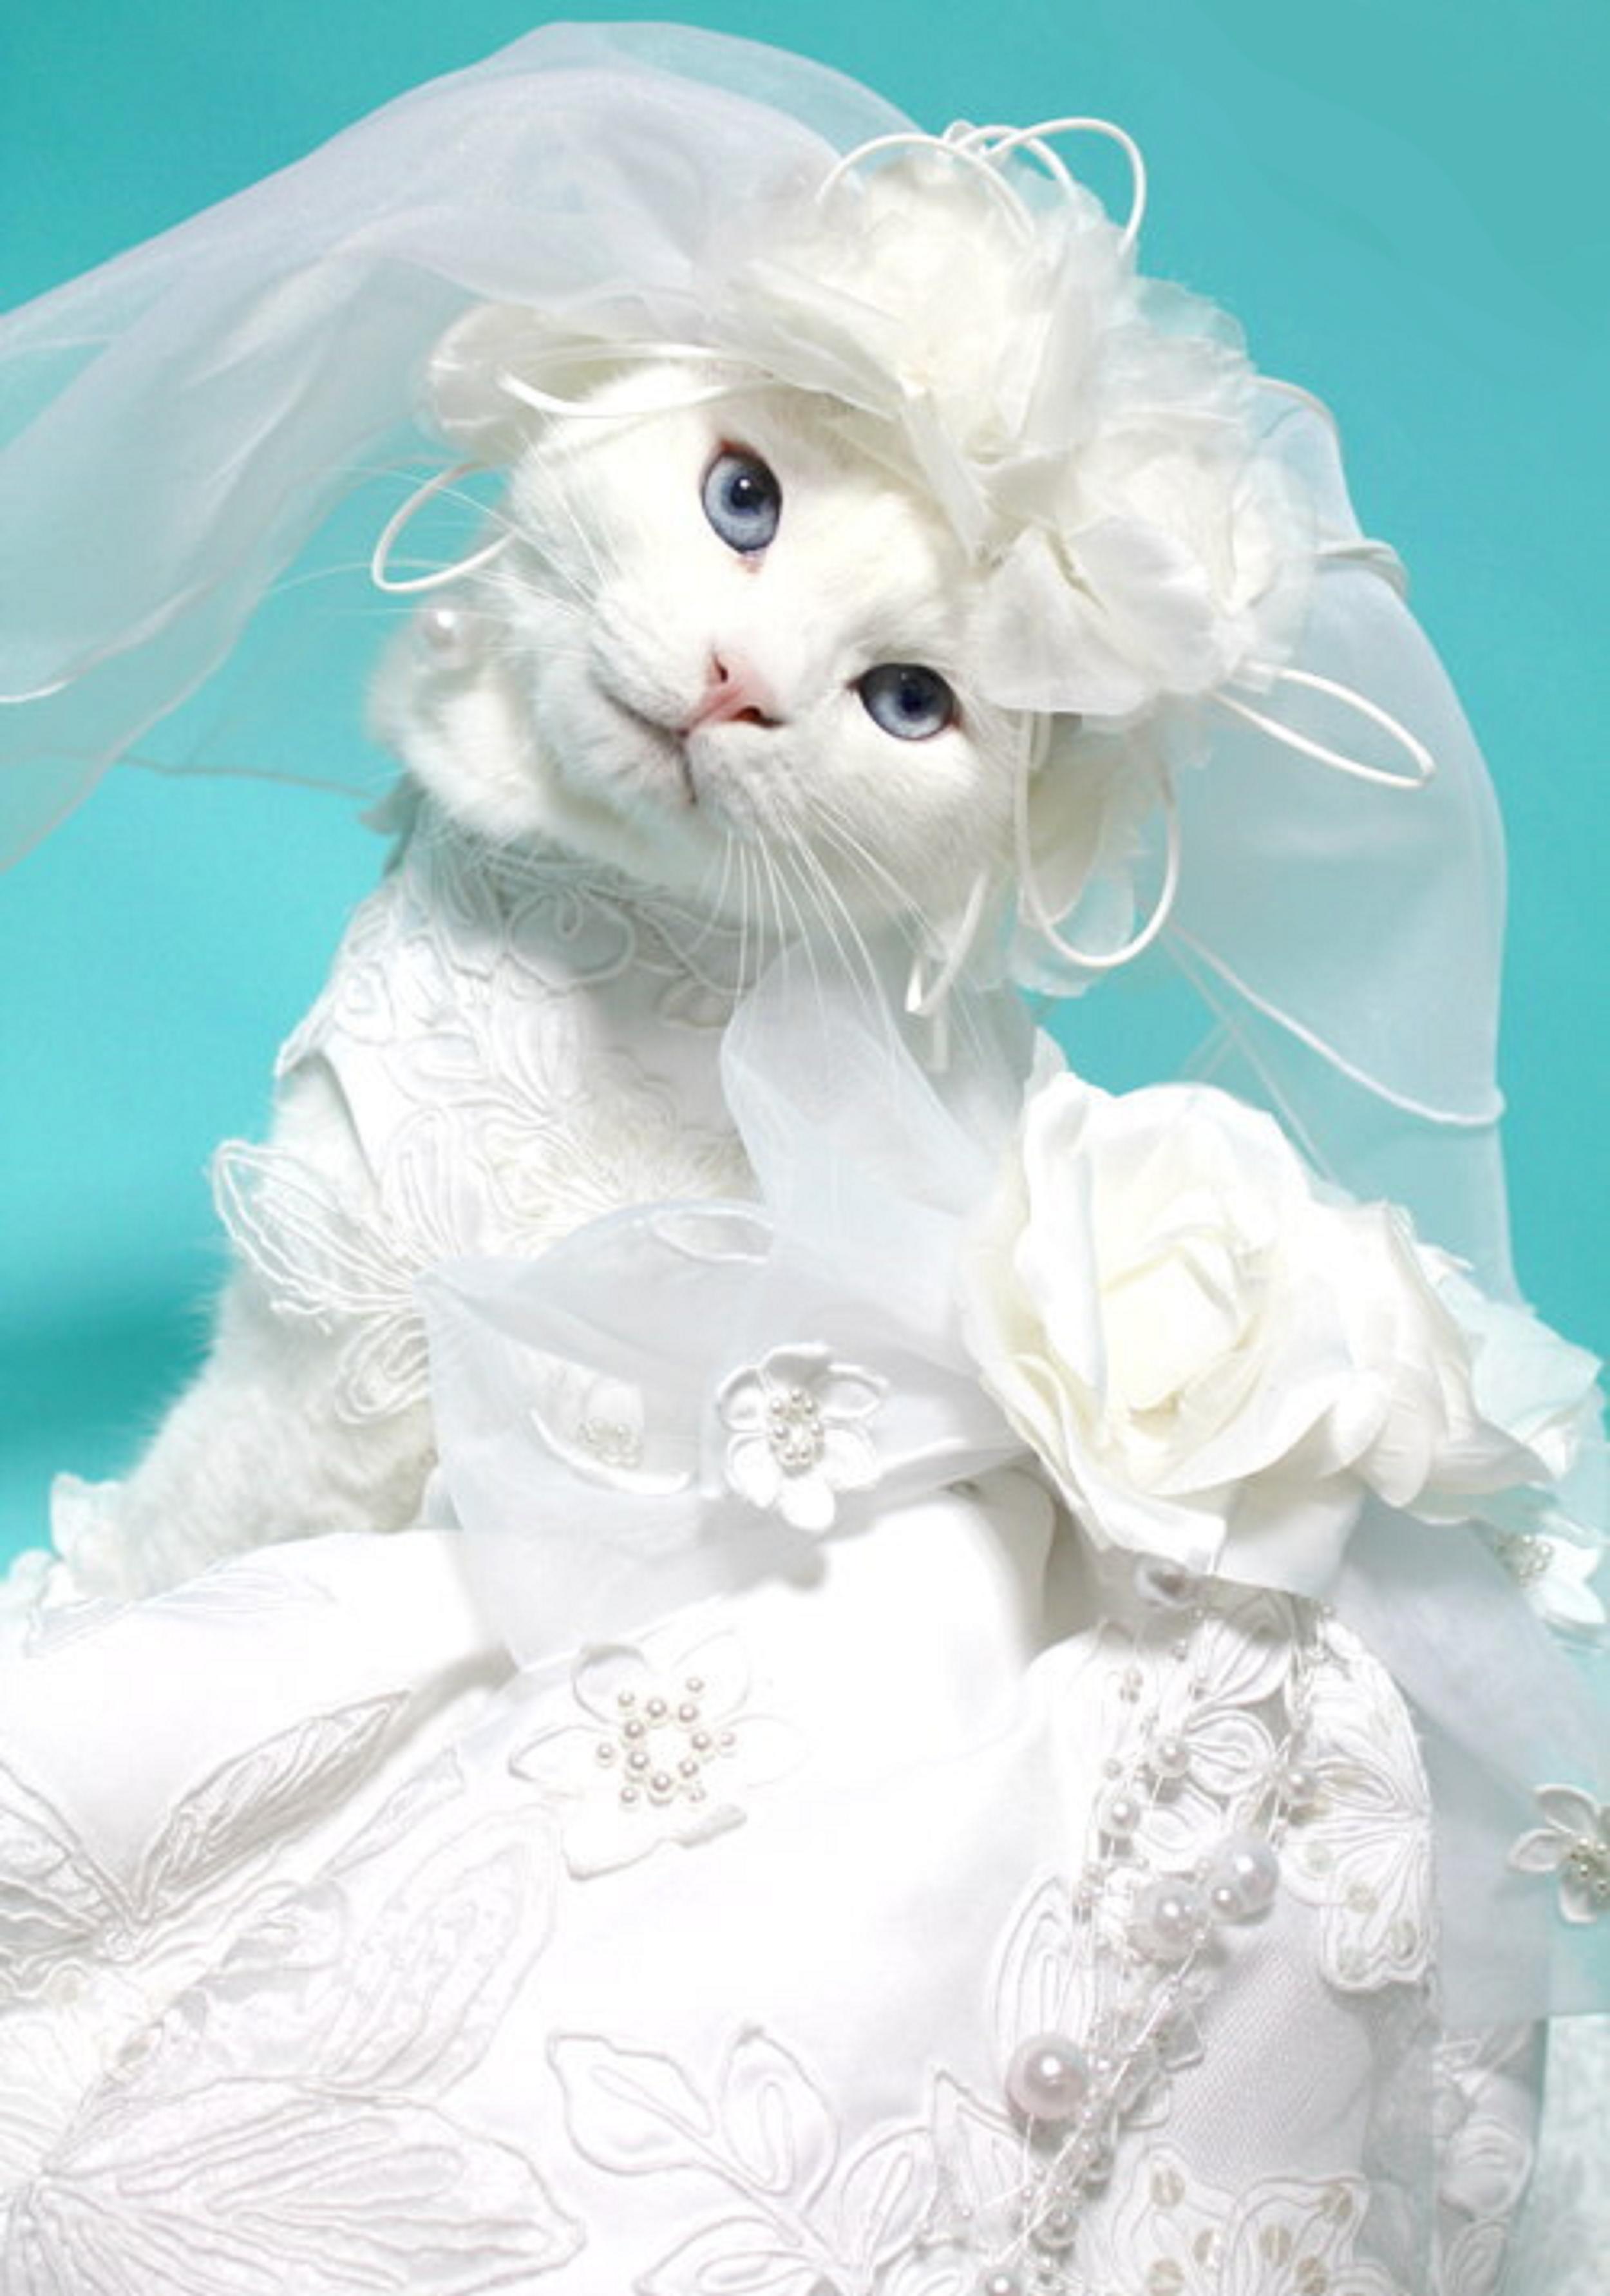 образцы картинки с кошками о свадьбе фотосалонов пунктов